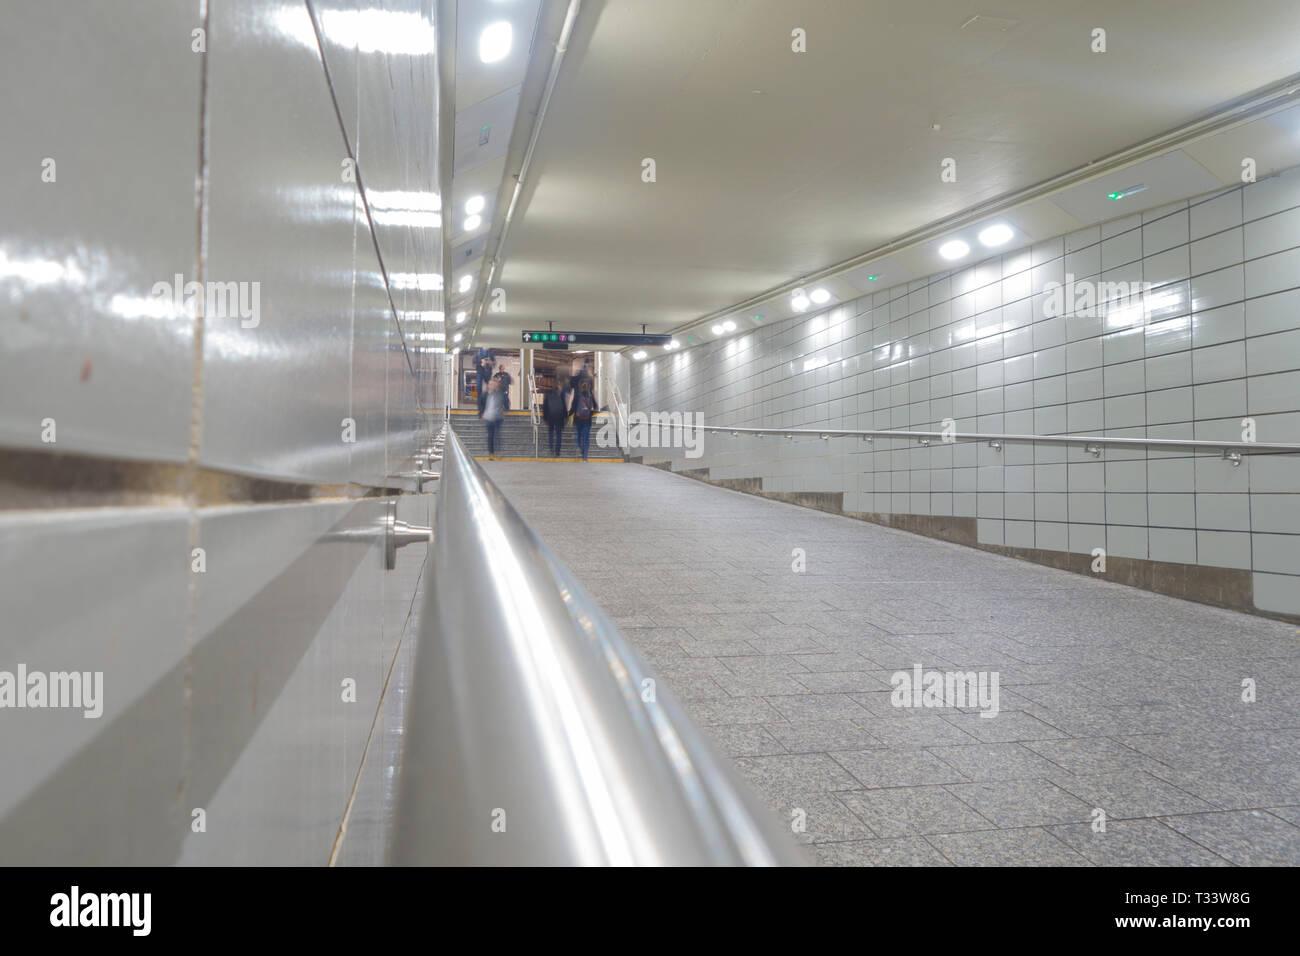 Weiße Fliesen Tunnel in New York City 42 Street U-Bahnen Stockbild